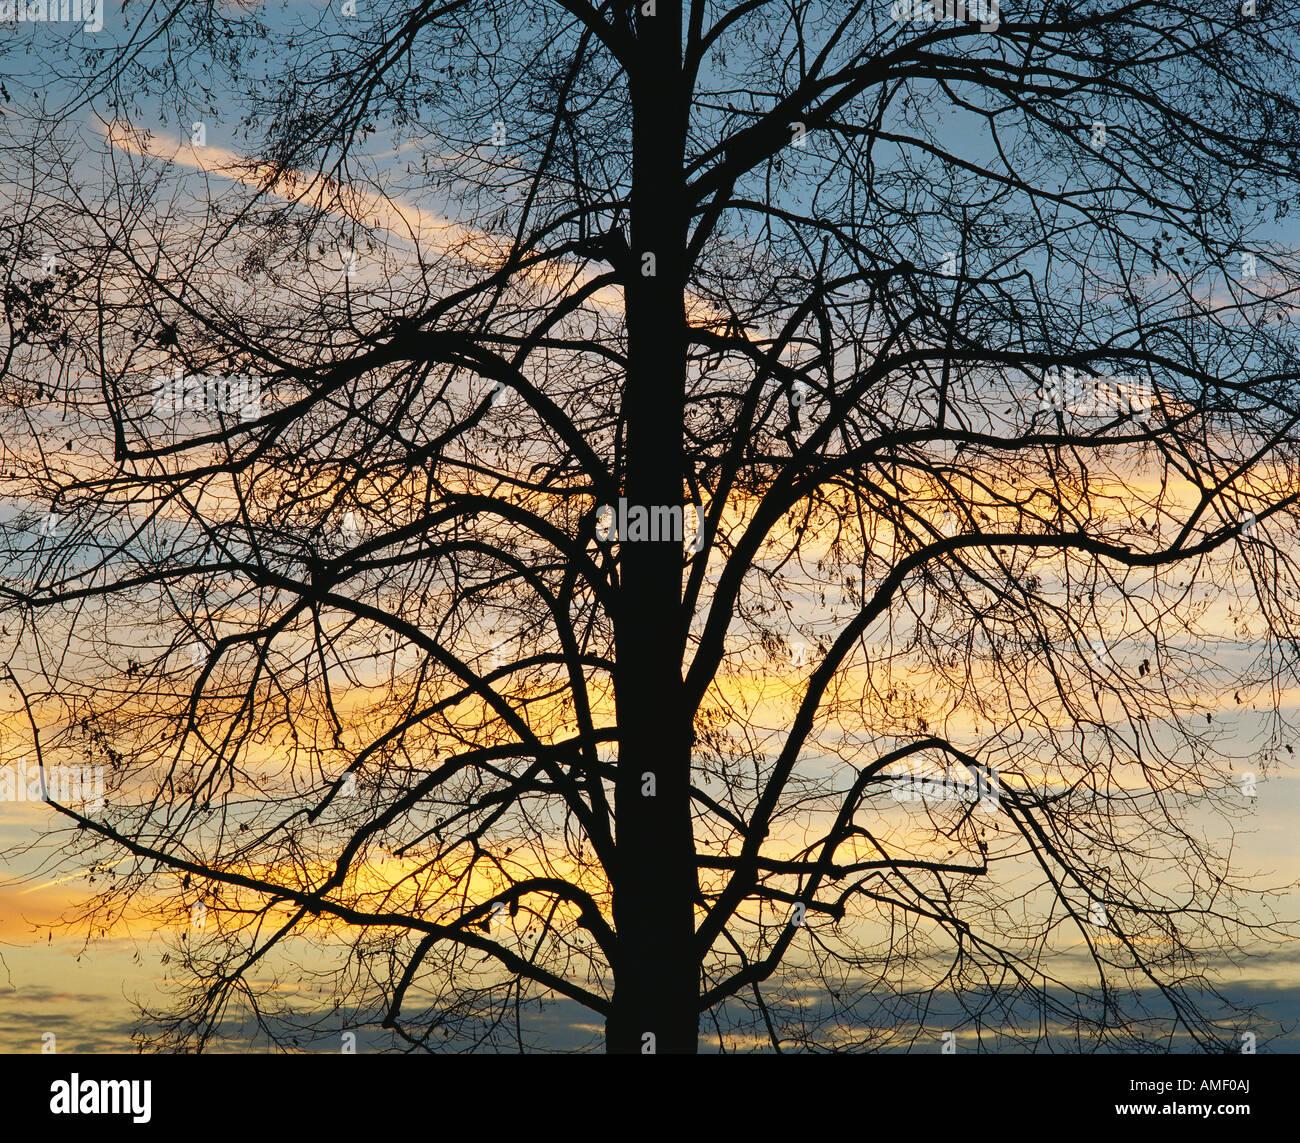 November 2000 Switzerland Zofingen AG Lime tree dusk - Stock Image